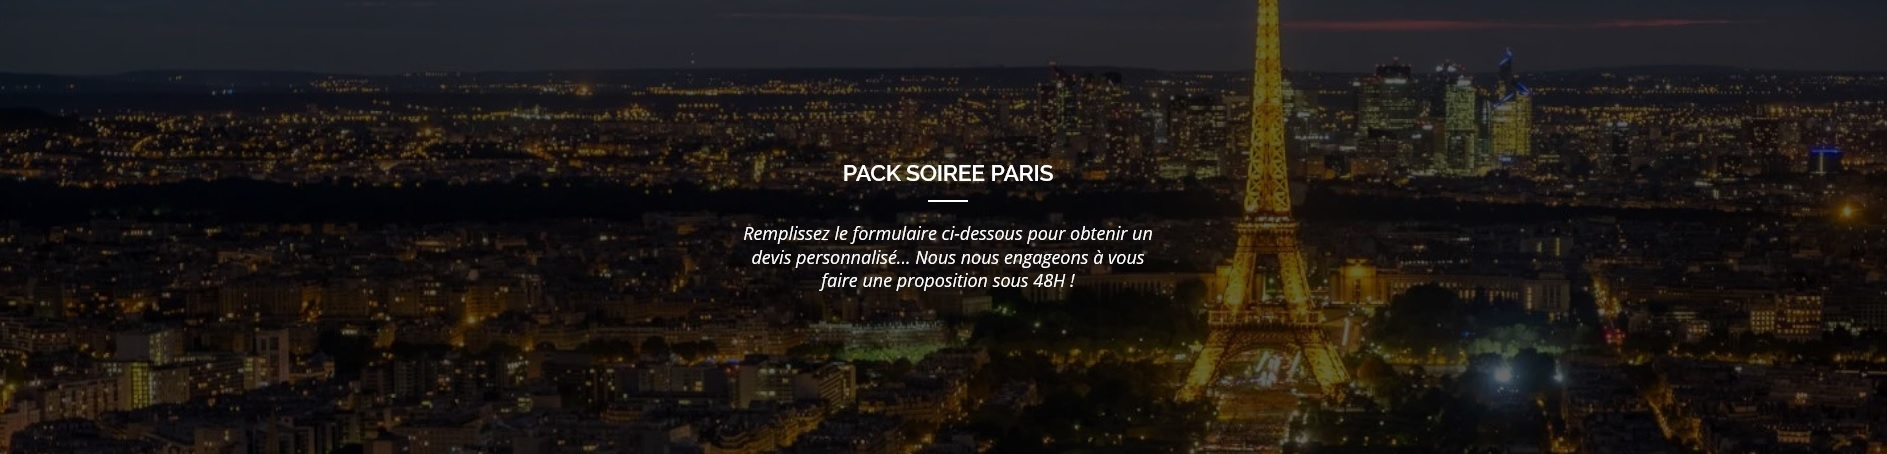 Pack Soirée Paris